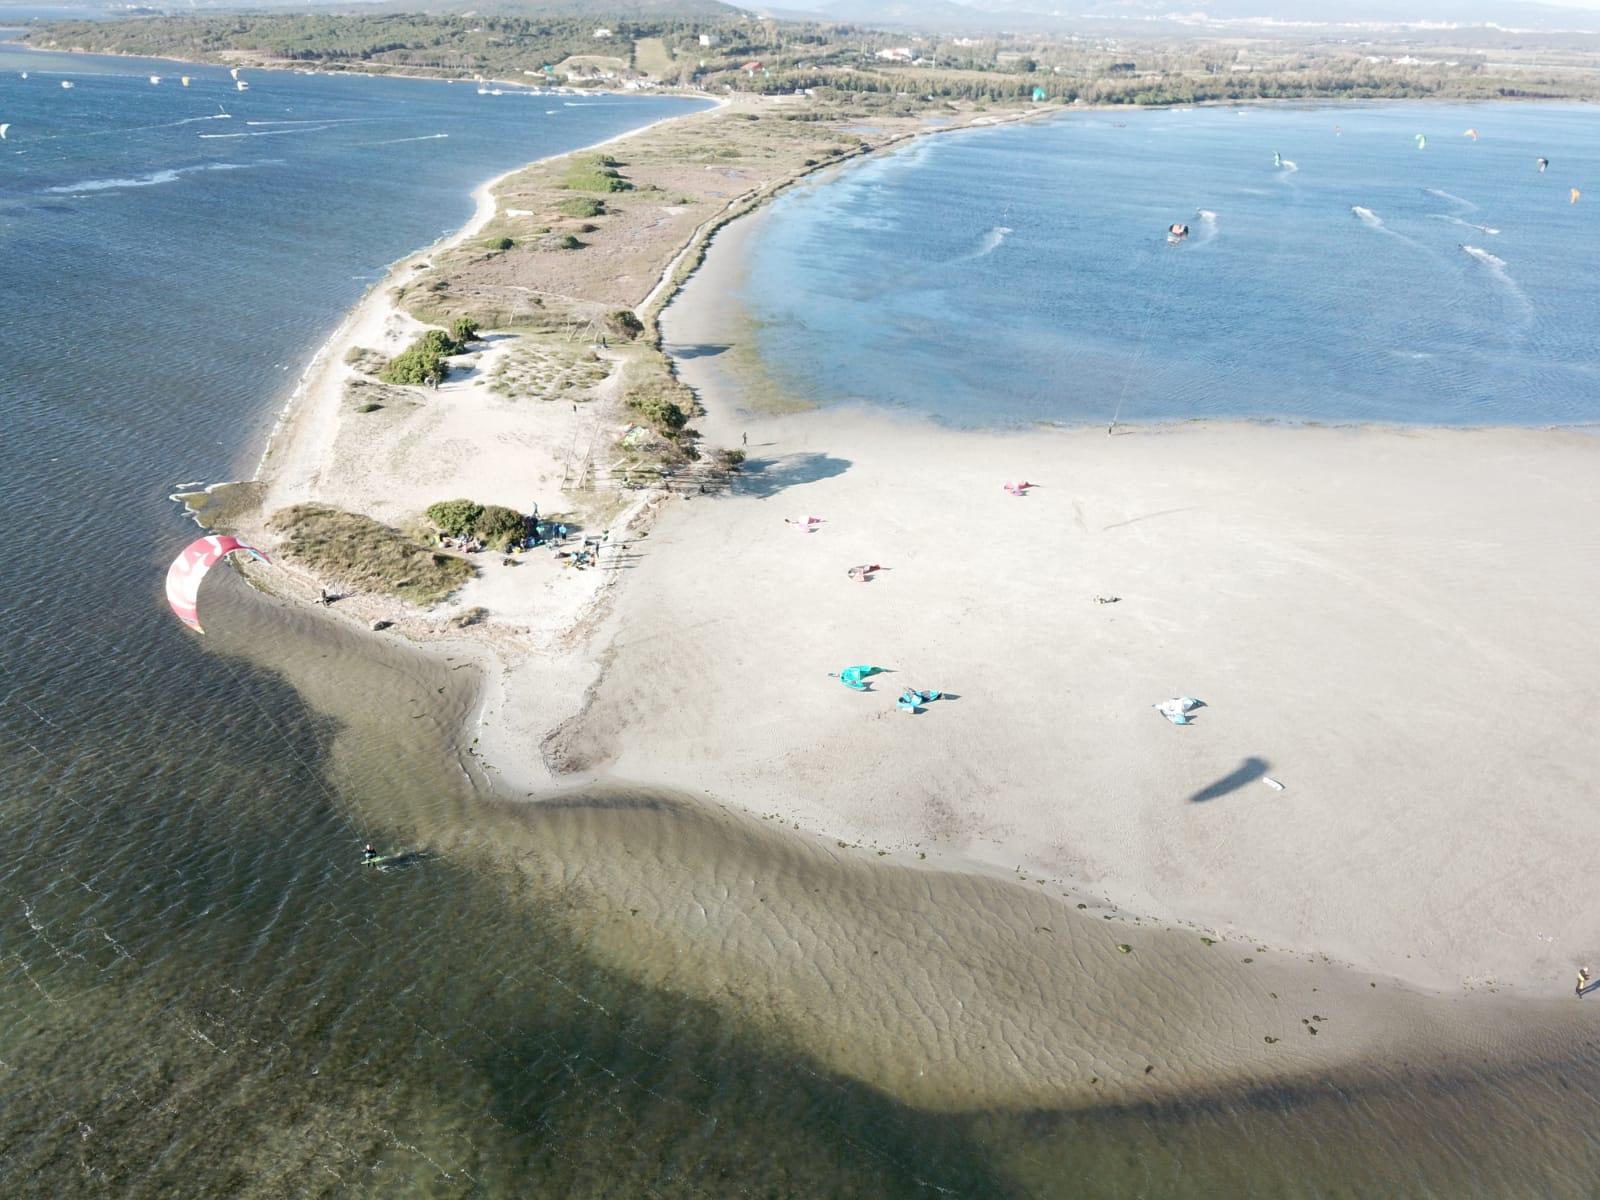 Kitesurf a Punta Trettu in Sardegna, il miglior Kite Spot d'Italia